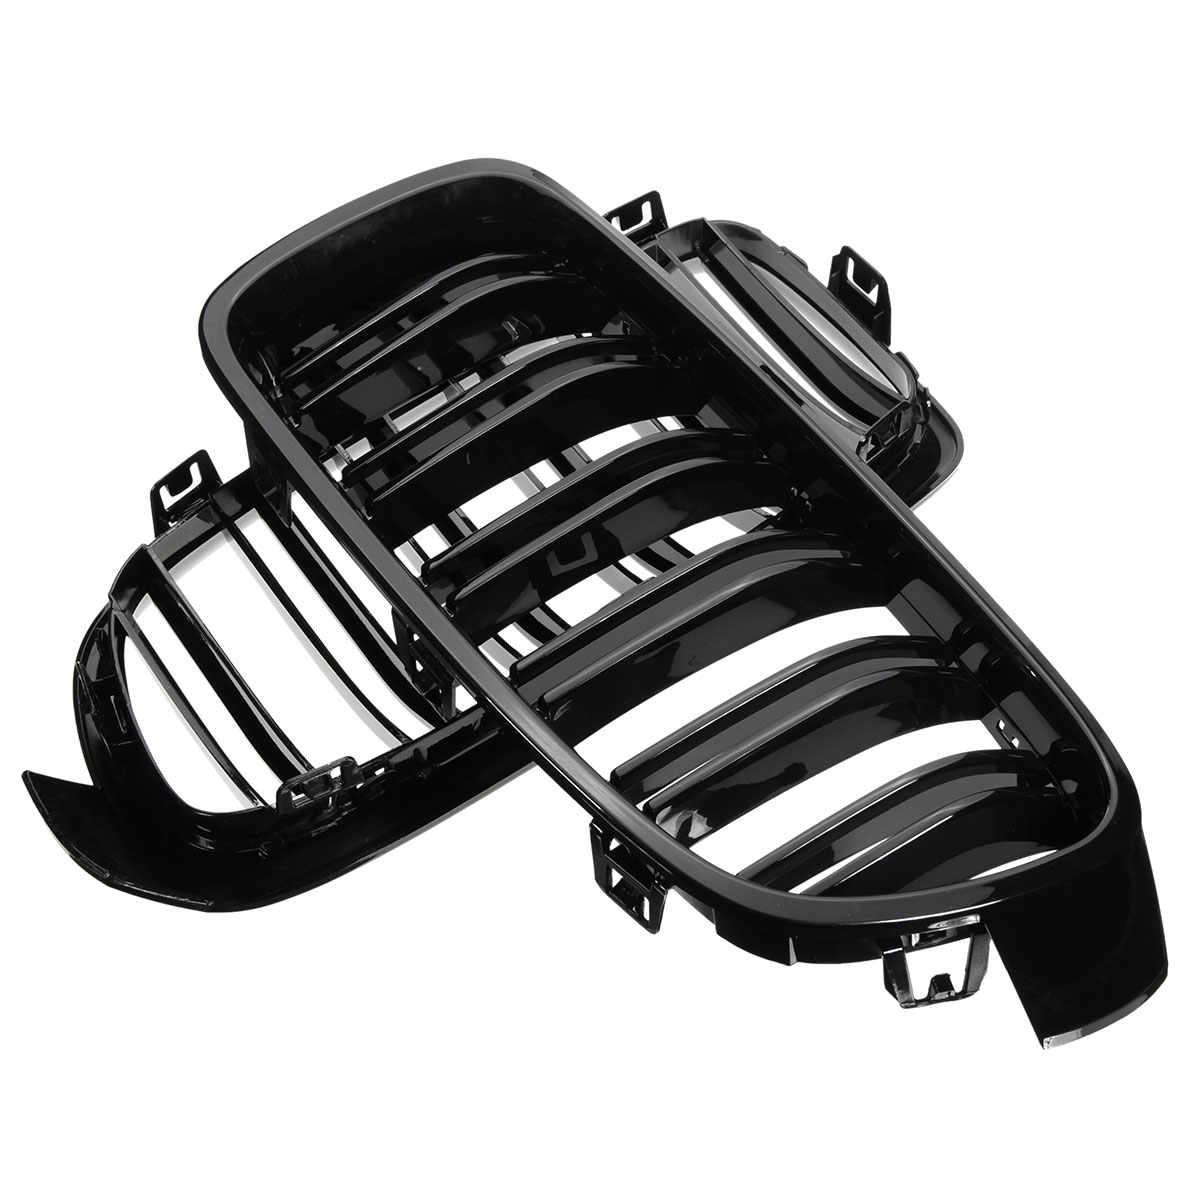 Para przednia kratka w kształcie nerki grille czarny błyszczący dla BMW F30 F31 F35 320i 328i 335i 2012 2013 2014 2015 2016 2017 samochodów Racing grille